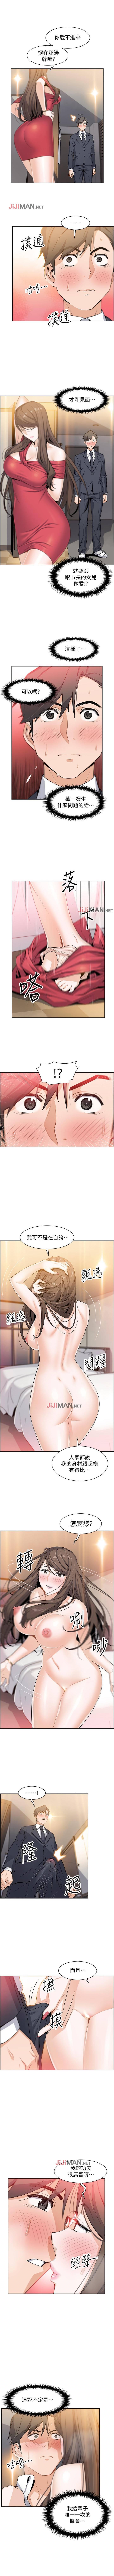 【周四连载】前女友变女佣(作者:PAPER&頸枕) 第1~33话 53